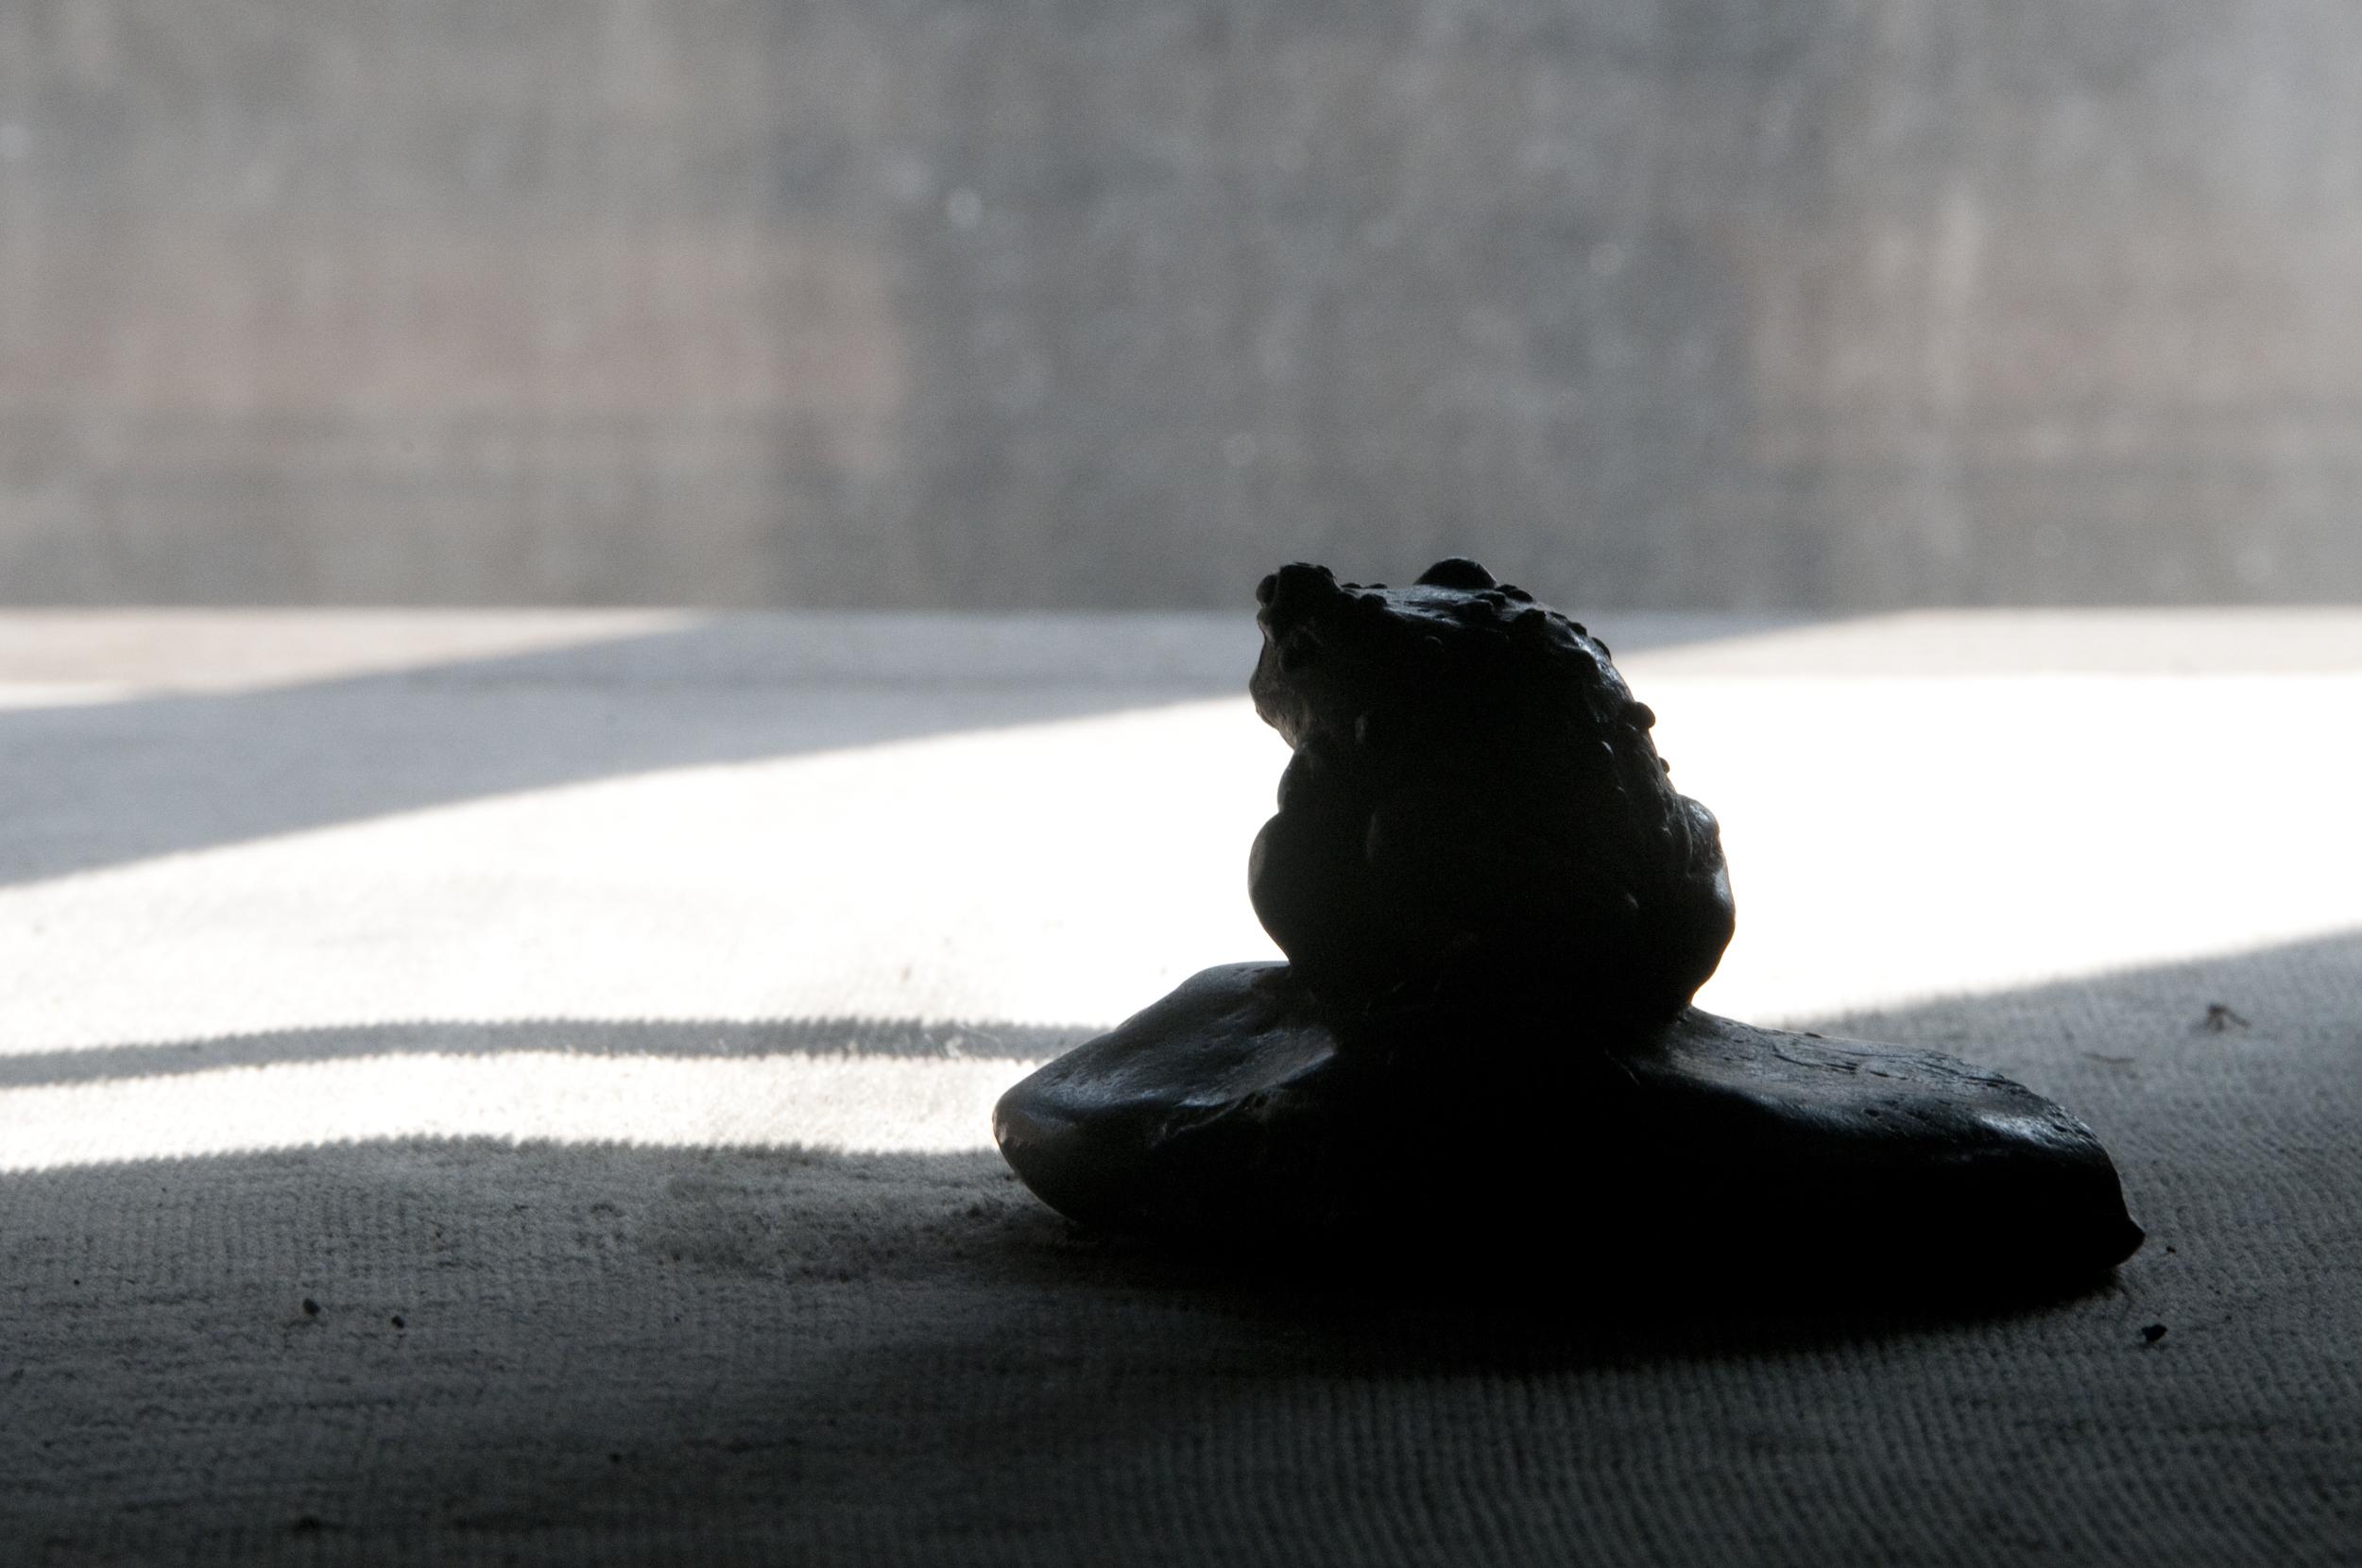 Il rospetto meditabondo